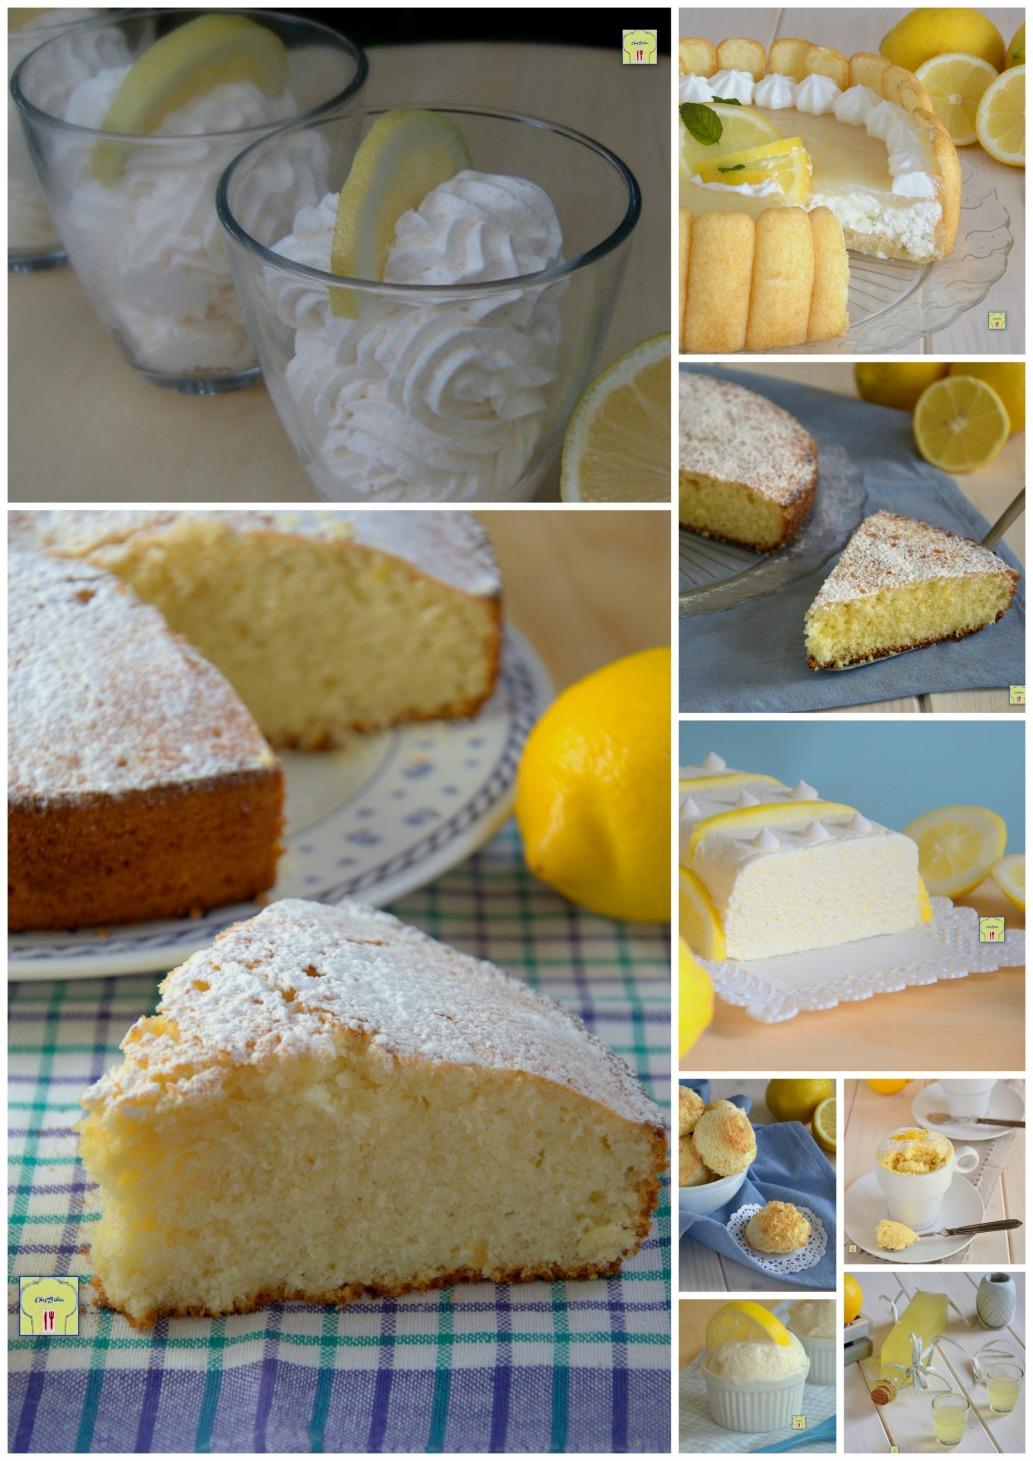 migliori ricette dolci col limone gp